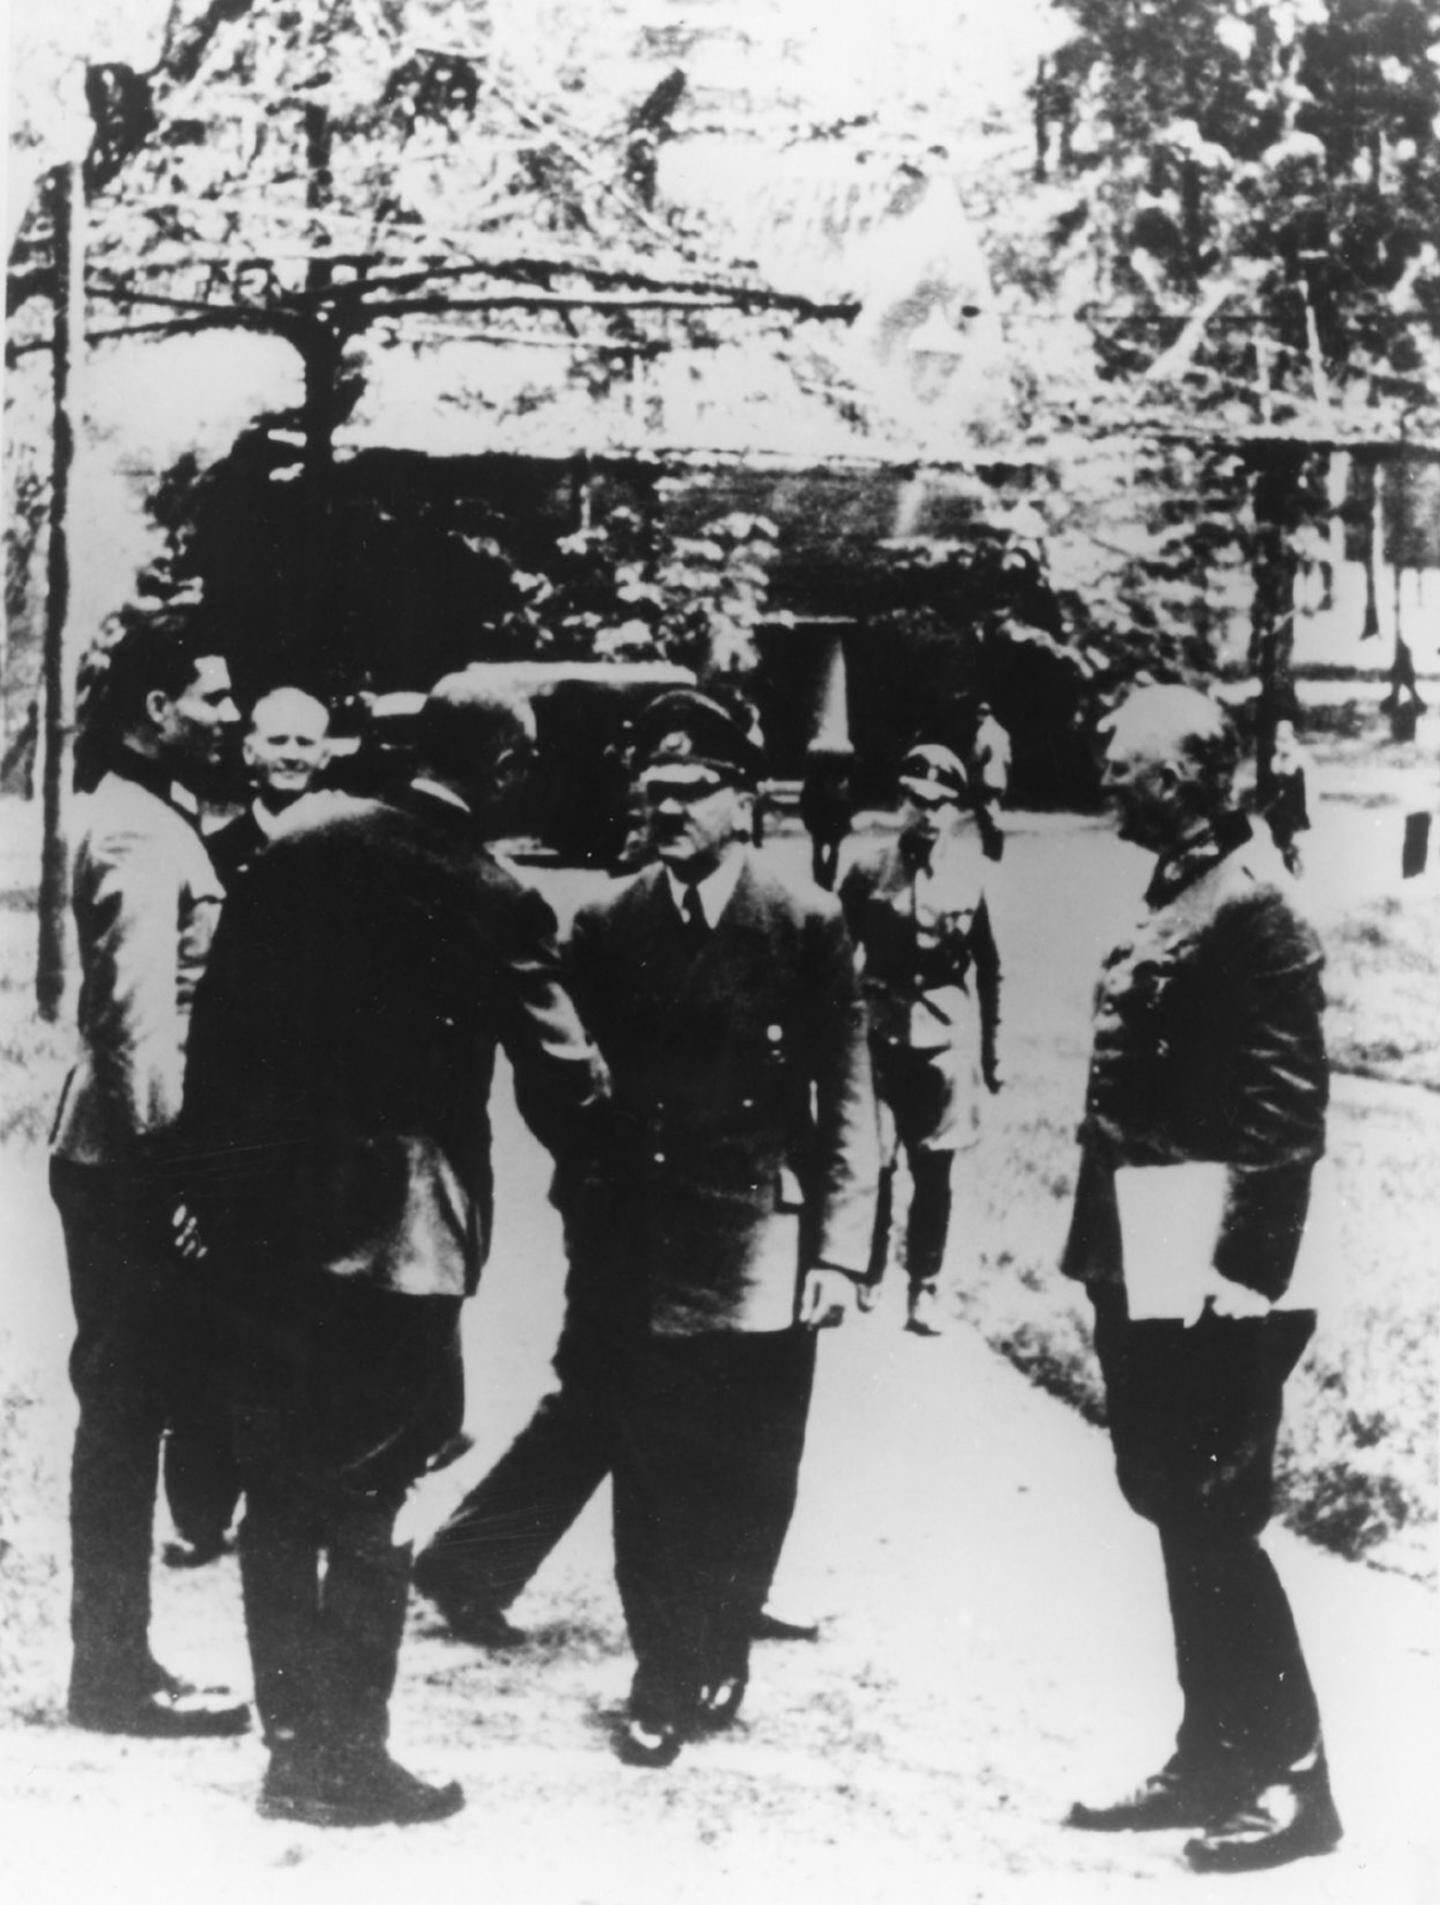 Une photo prise le 15 juillet 1944 montre Adolf Hitler à son quartier-général près de Rastenburg, cinq jours avant la tentative d'attentat menée par Claus von Stauffenberg.